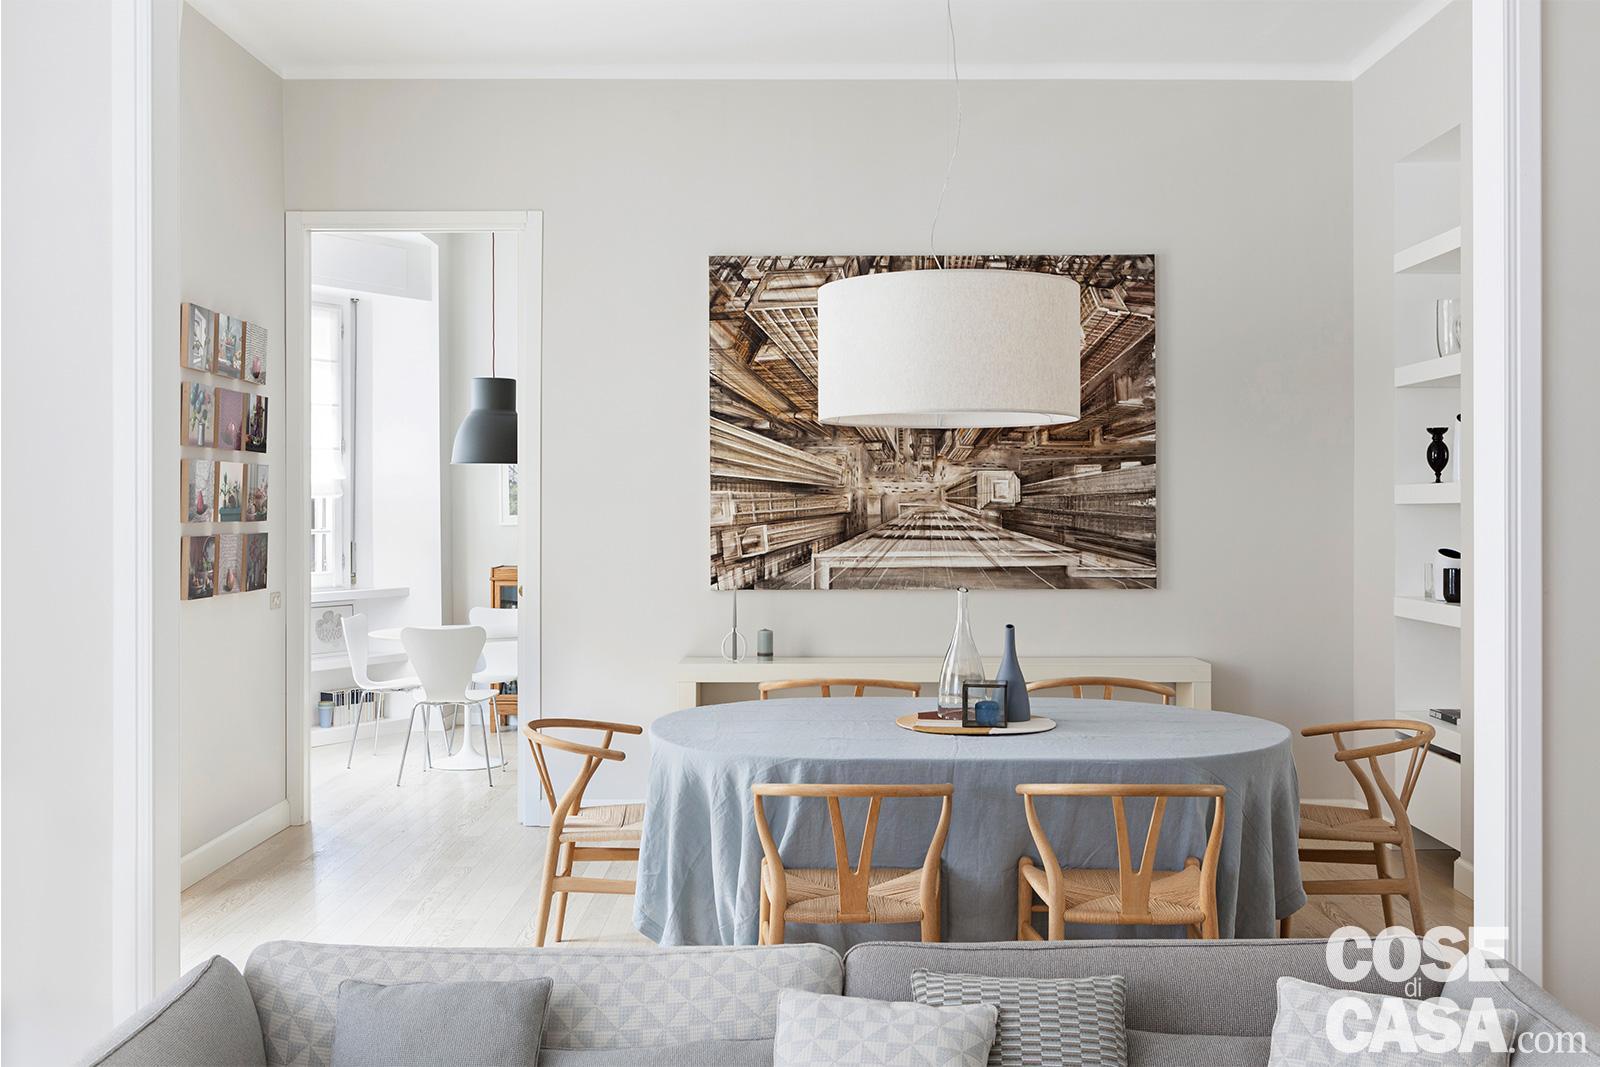 Una casa in stile nordico elegante e accogliente cose di casa